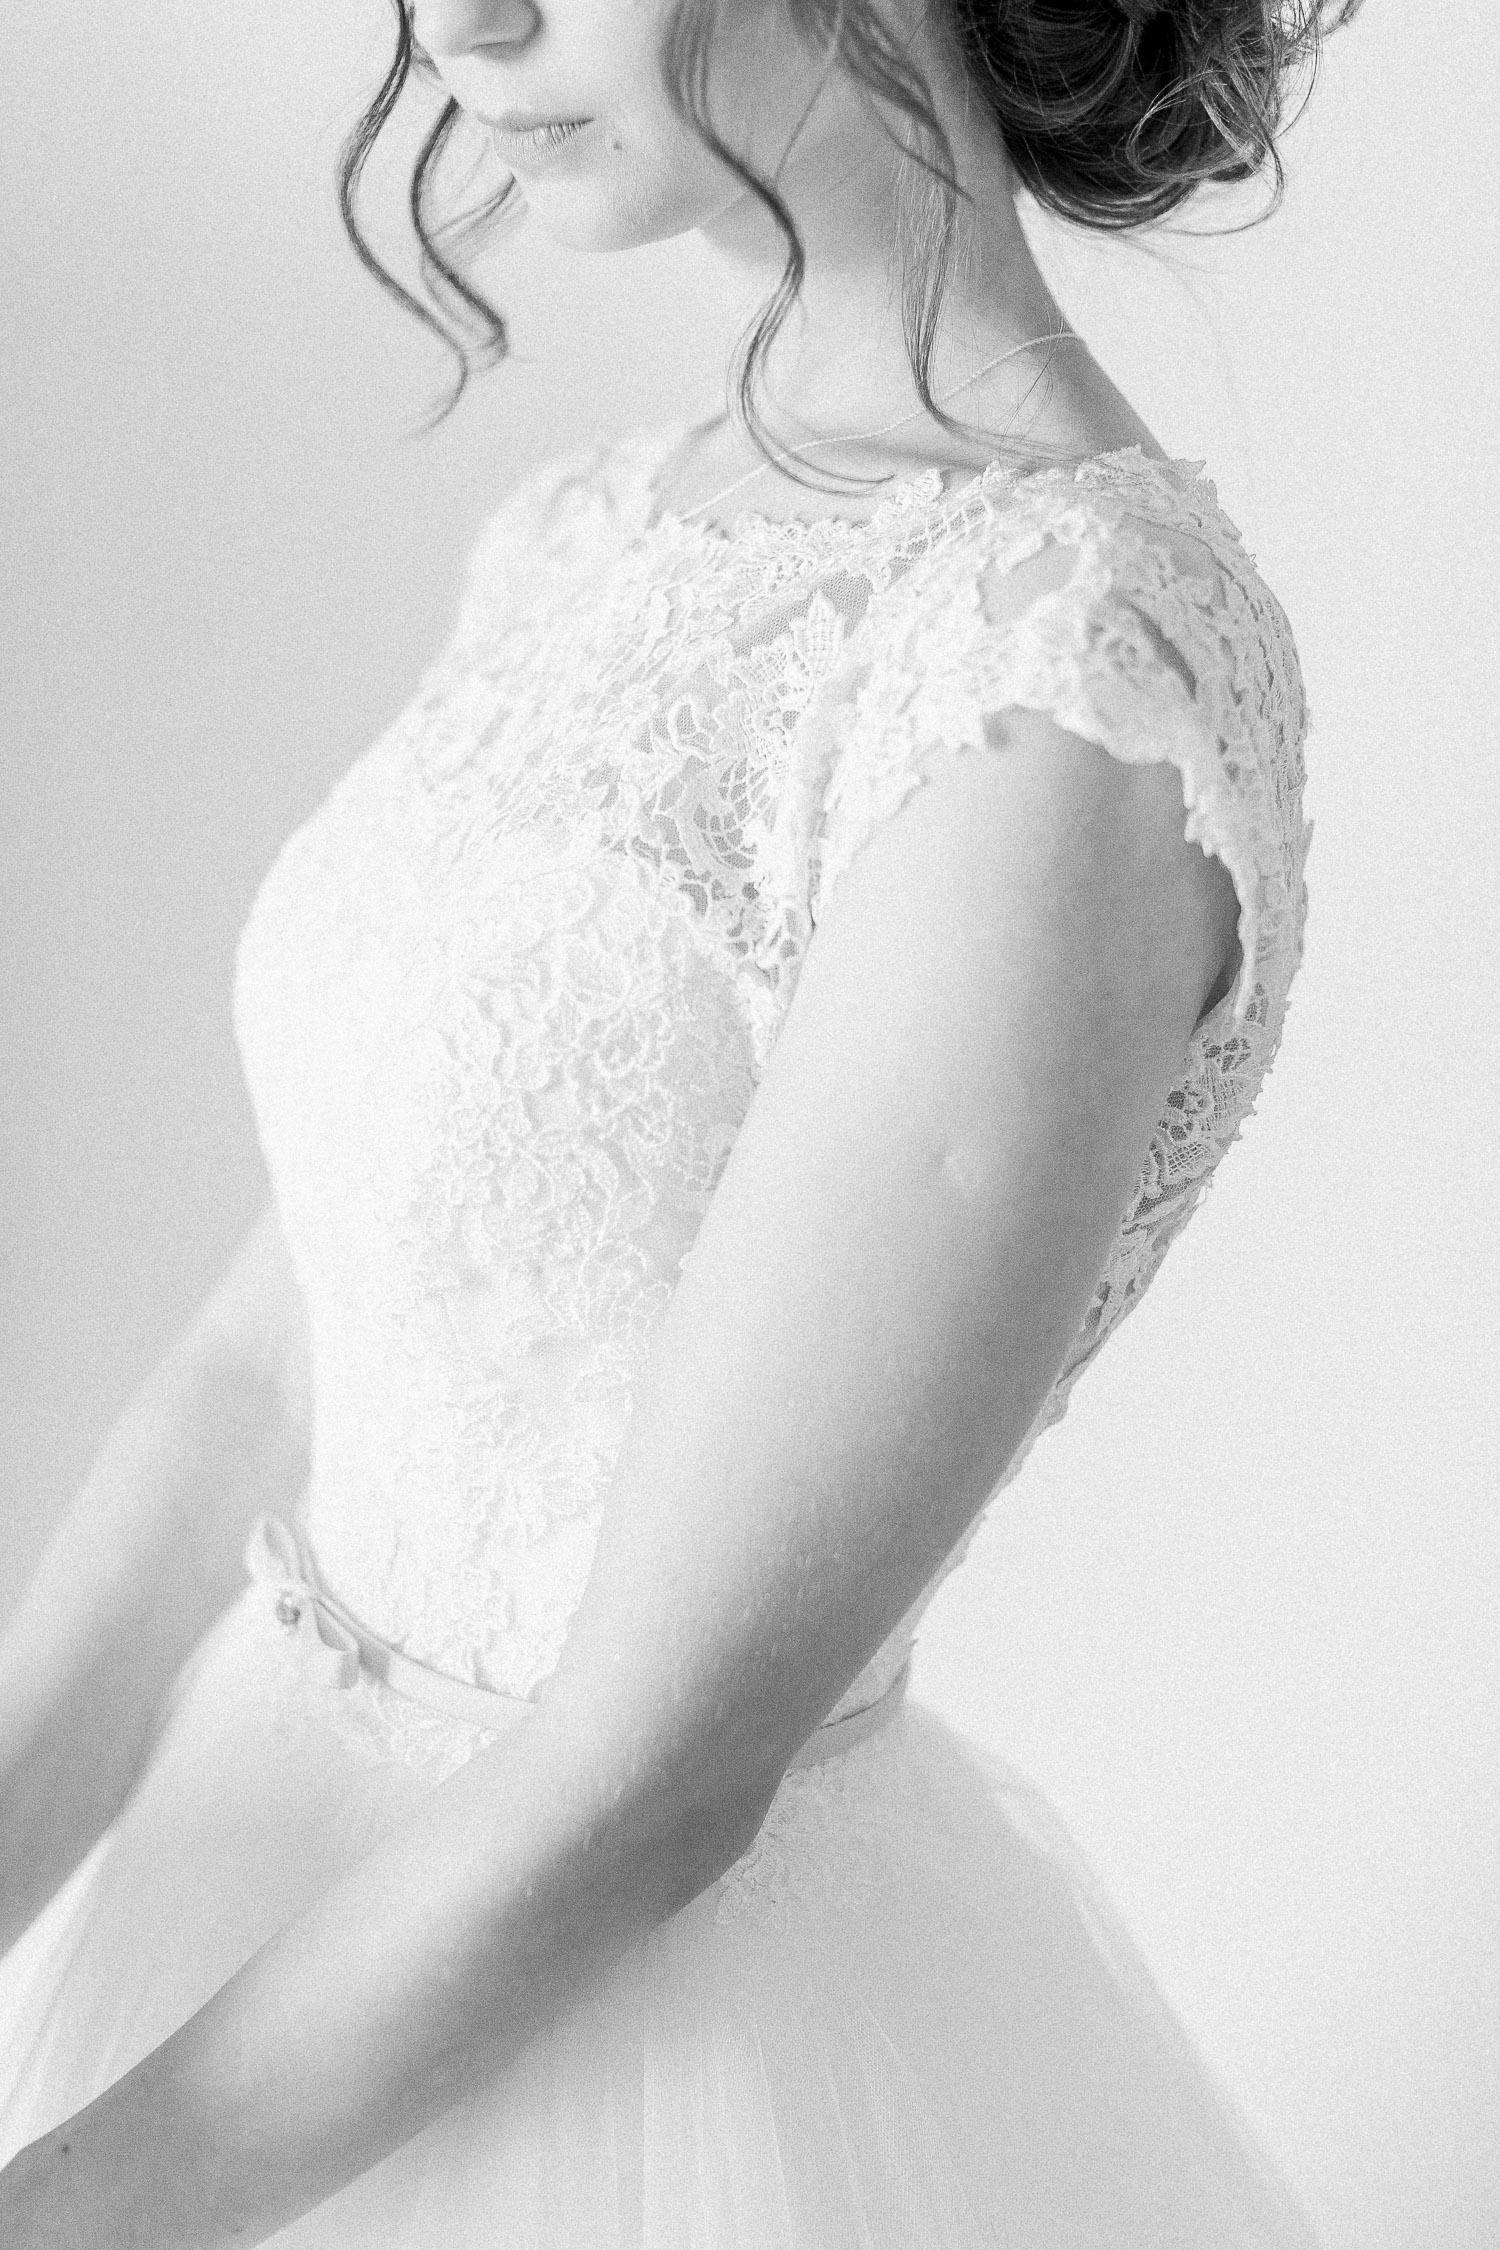 wedding dress detail shoot